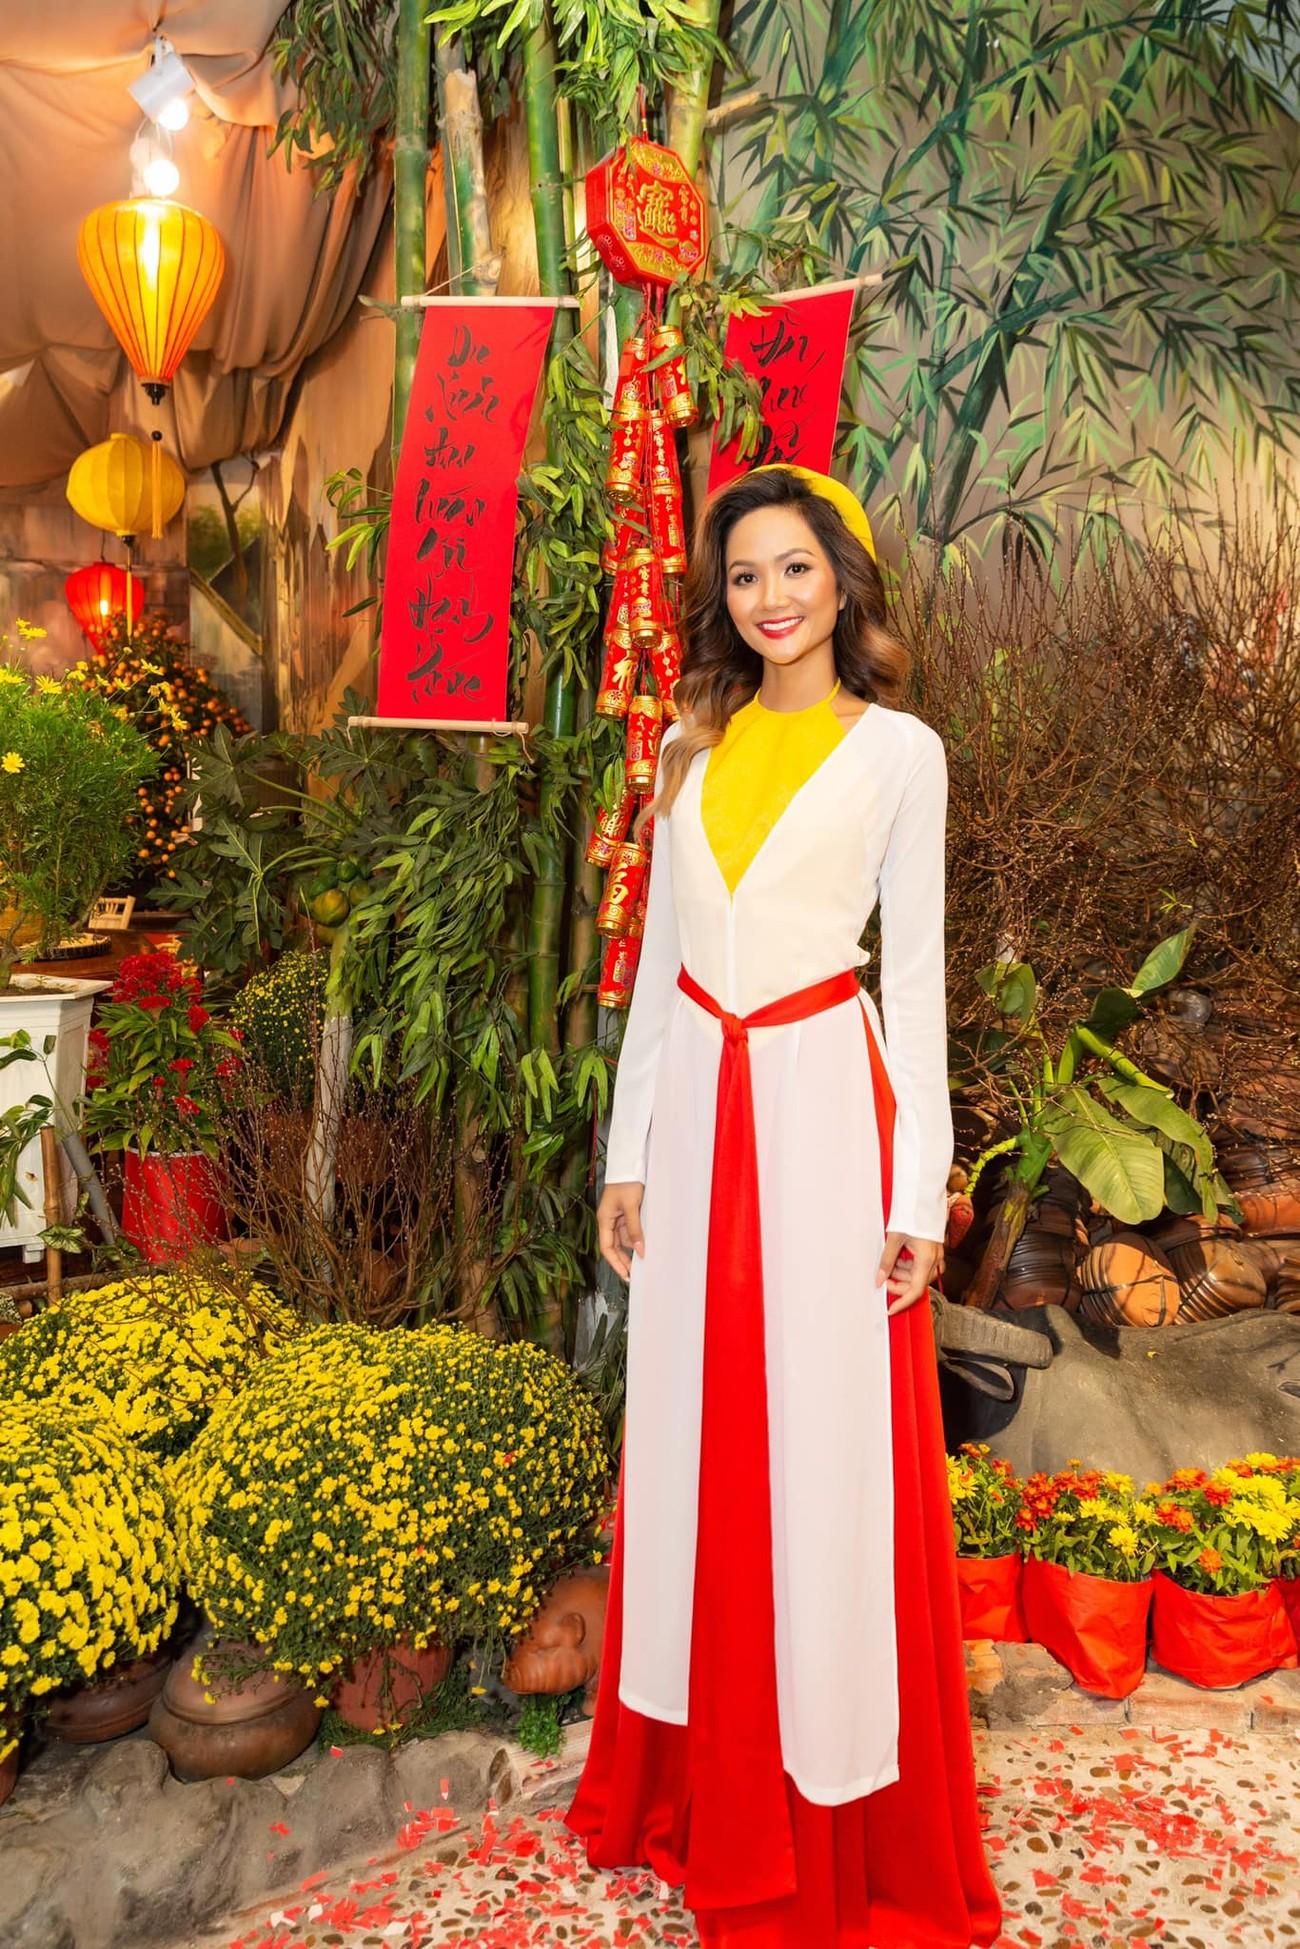 Hoa hậu Đỗ Thị Hà để mặt mộc vẫn đẹp rạng rỡ, H'hen Niê hoá 'nàng Xuân' với áo tứ thân ảnh 3